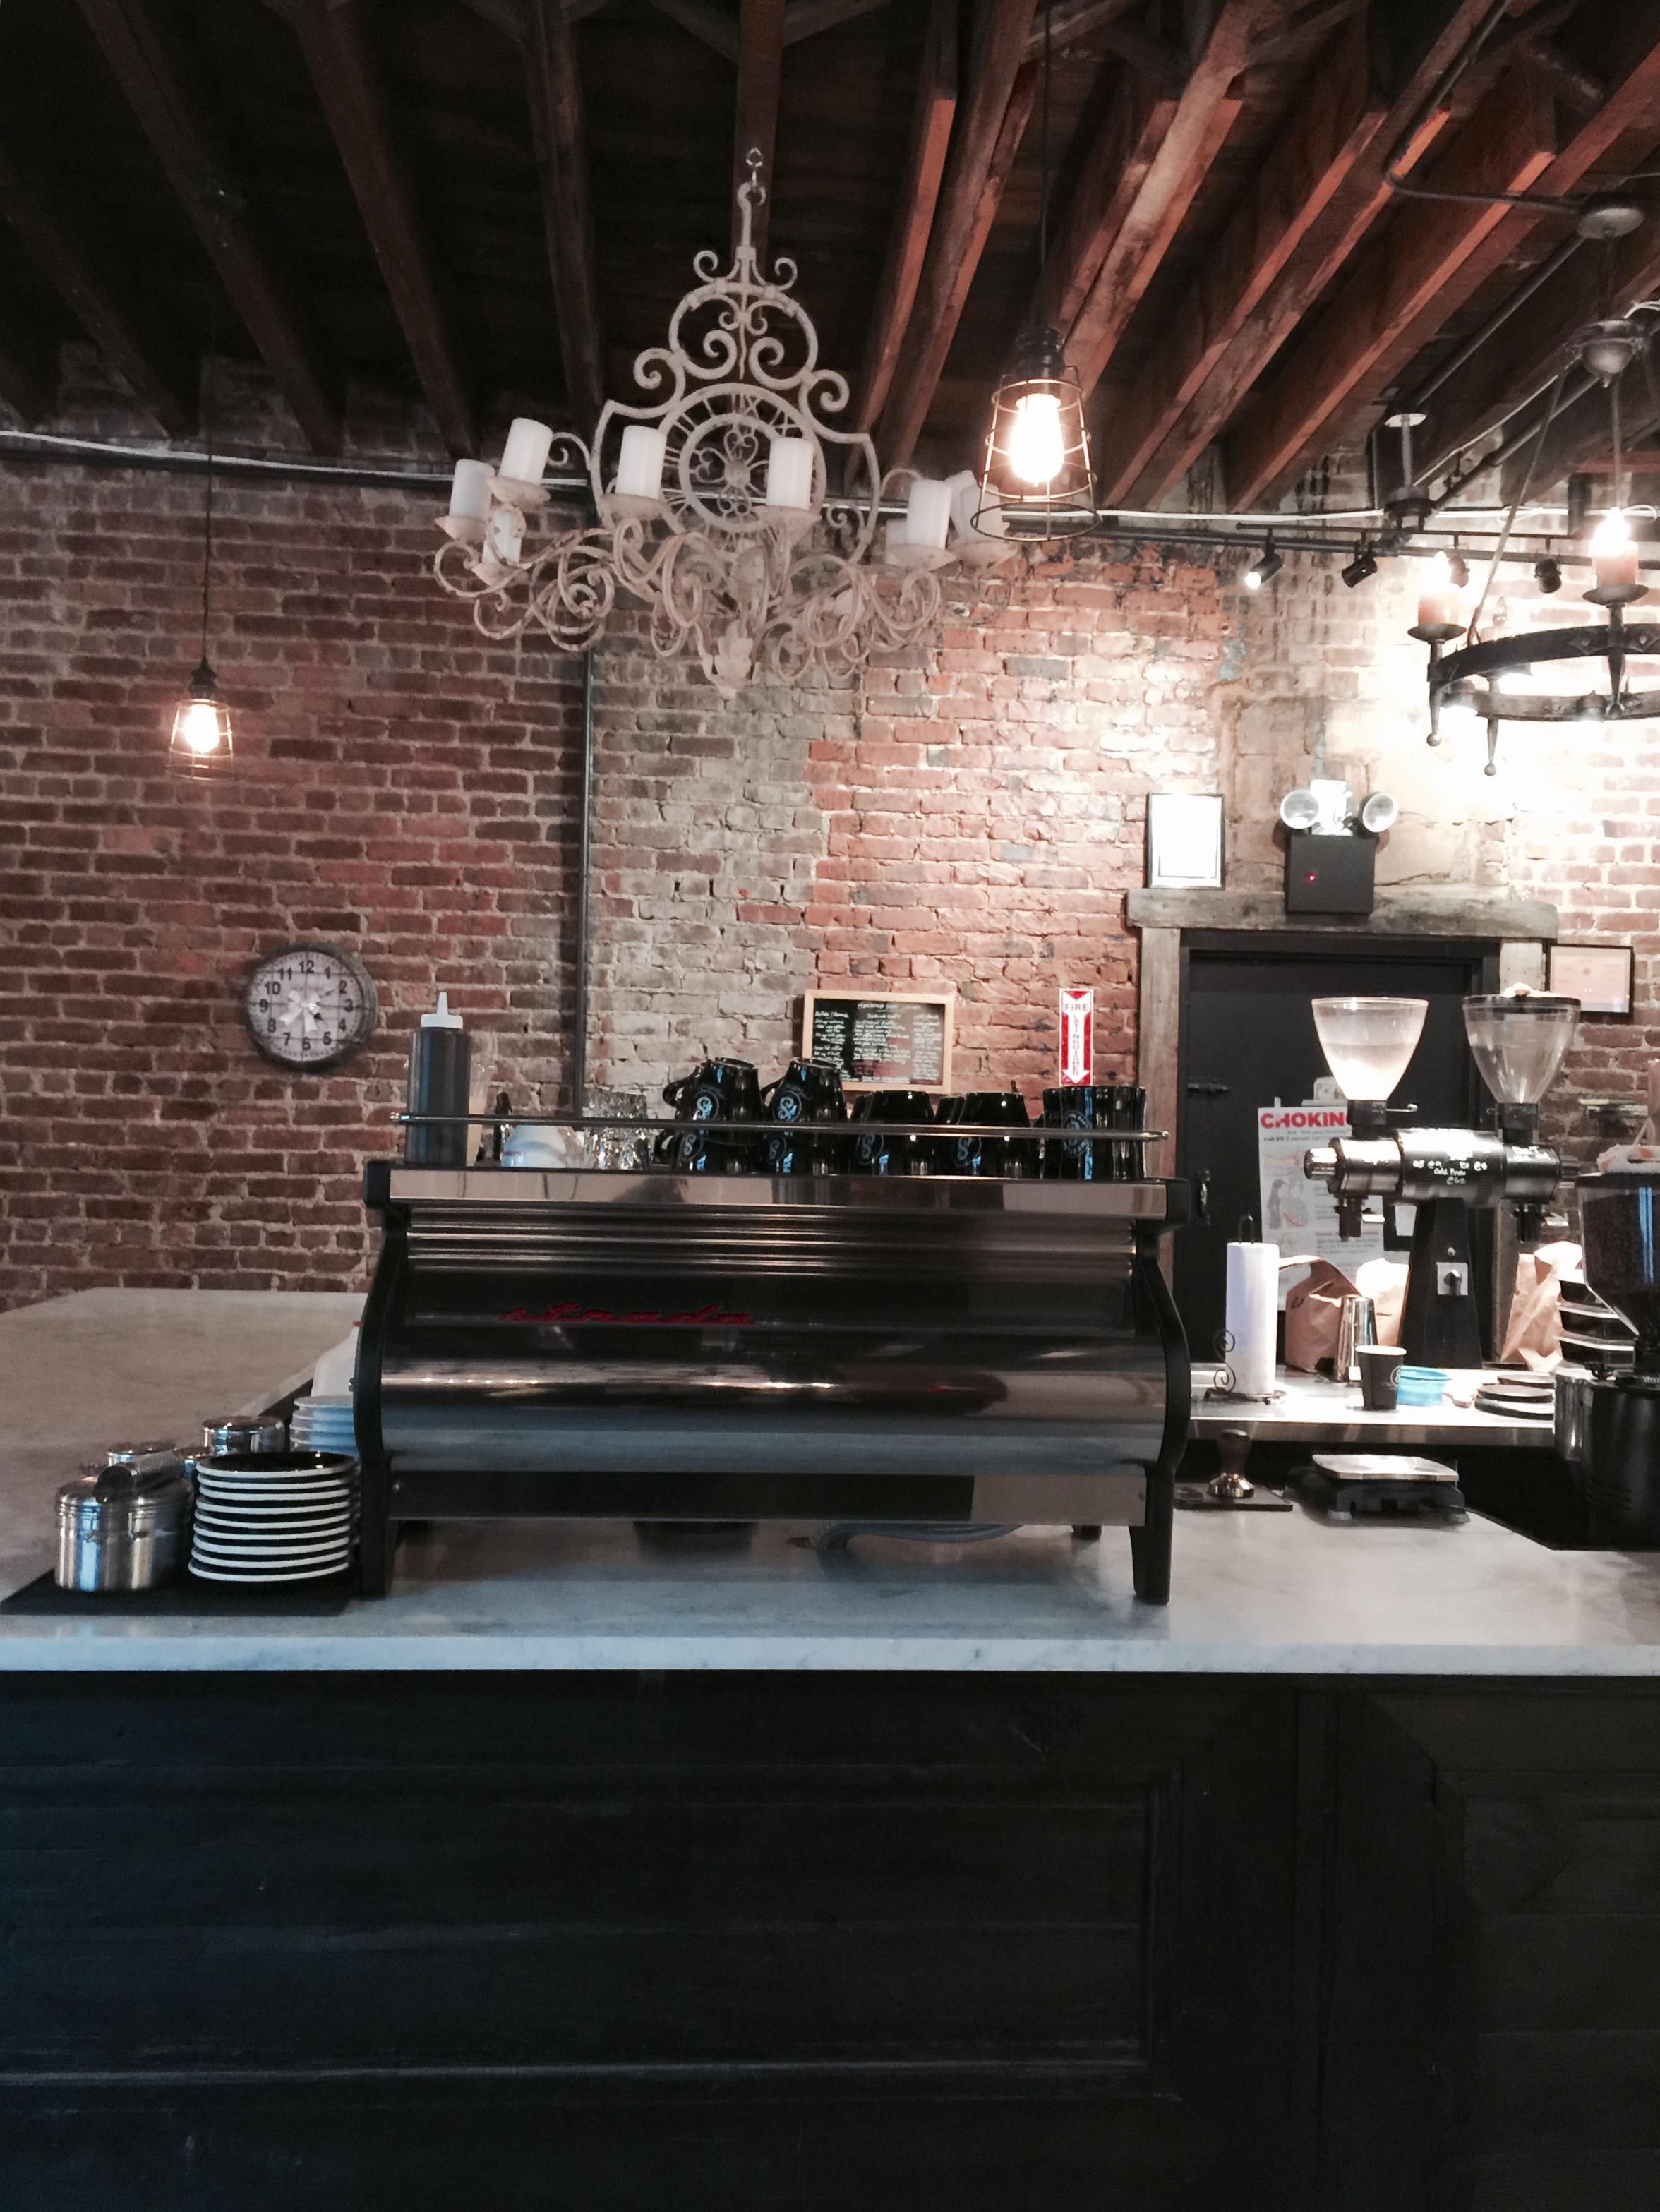 ROSE & IVY Journal The Best Coffee Shops in Brooklyn 2016 Sweetleaf Coffee